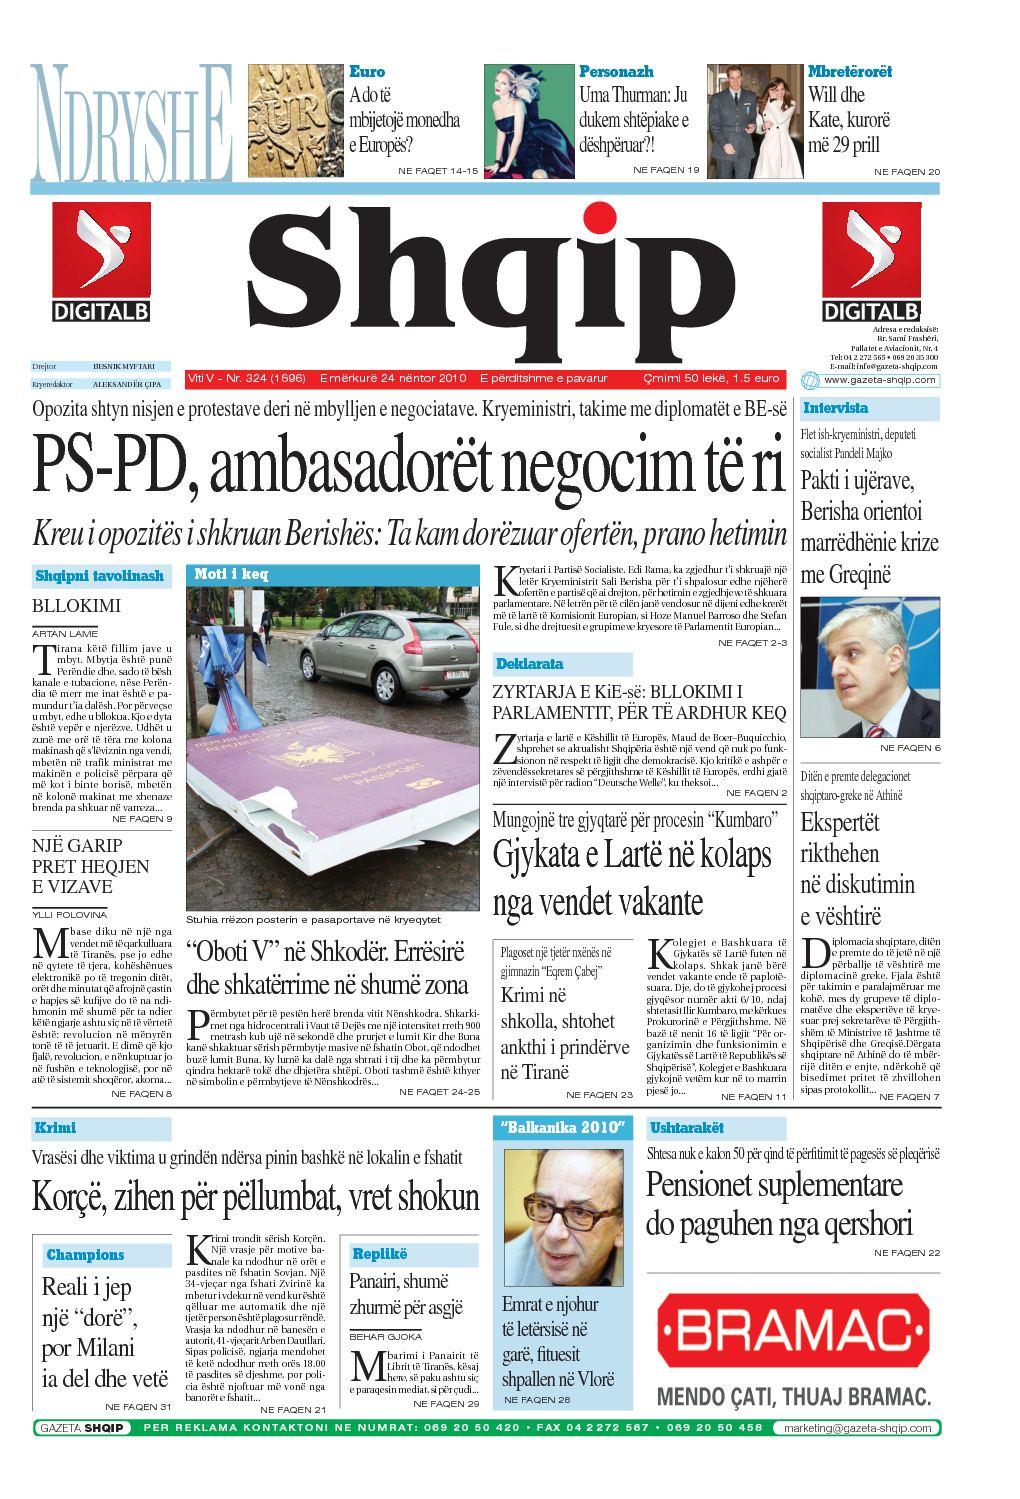 Calaméo - 24 11 2010 Gazeta Shqip